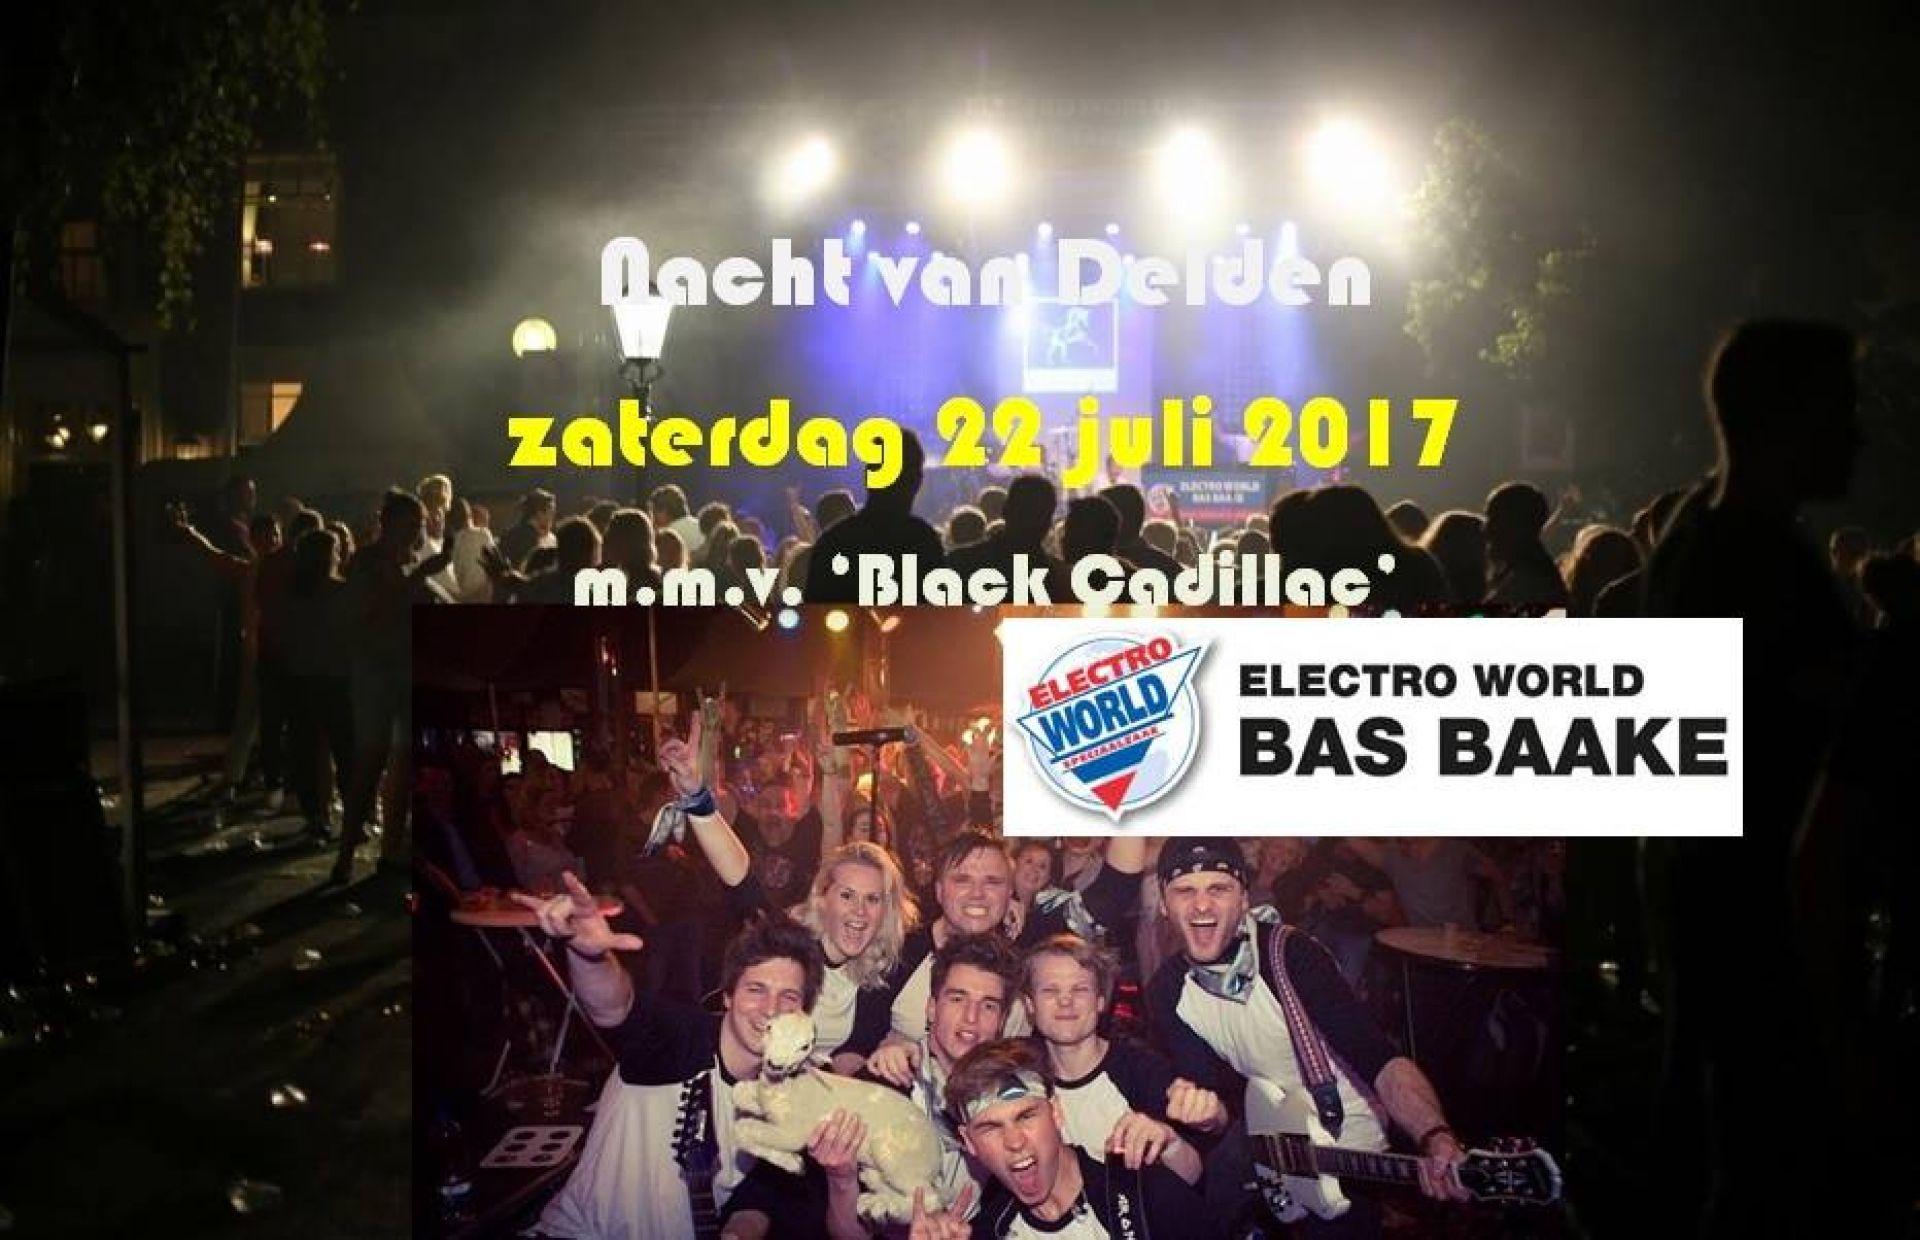 Band Black Cadillac hoofdact bij 16e Nacht van Delden